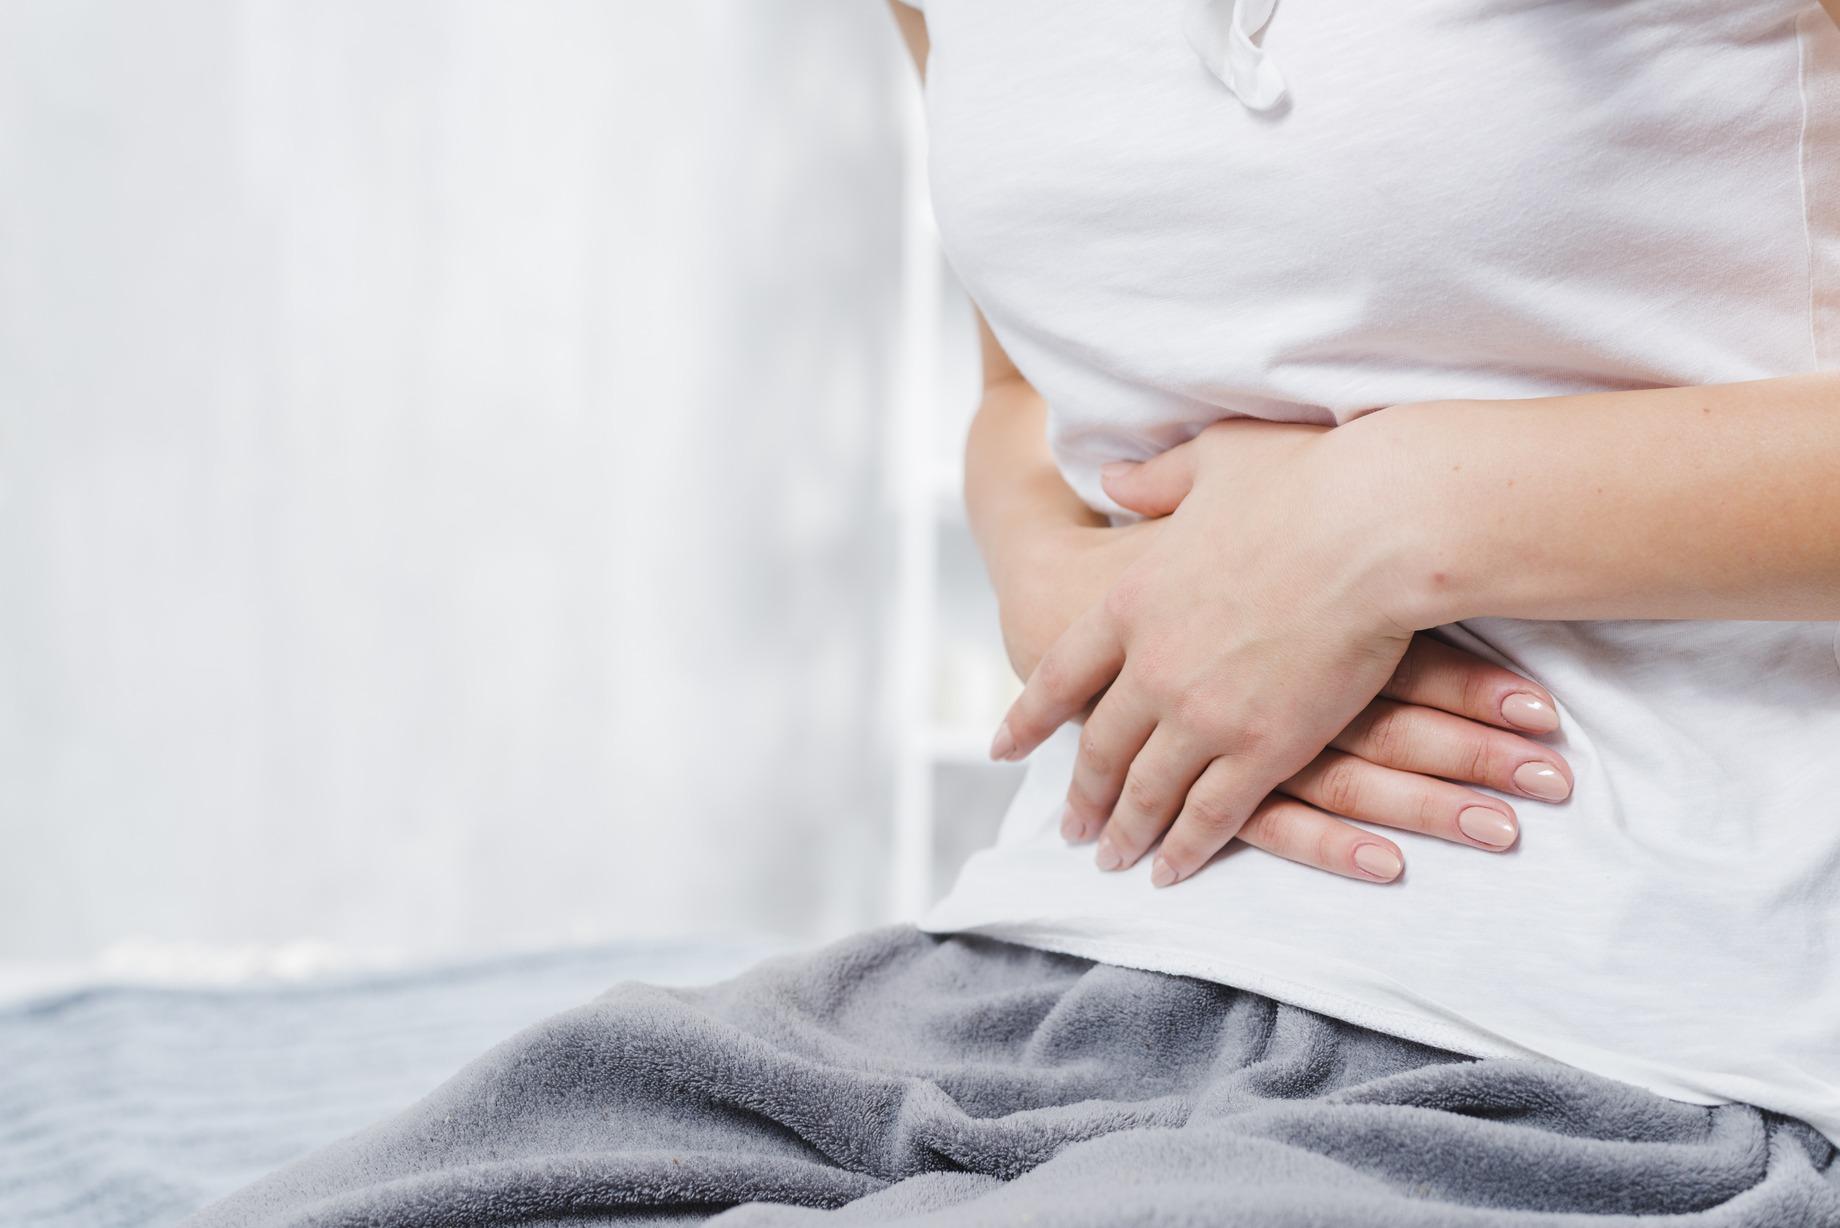 sintomas intolerancia a lactose